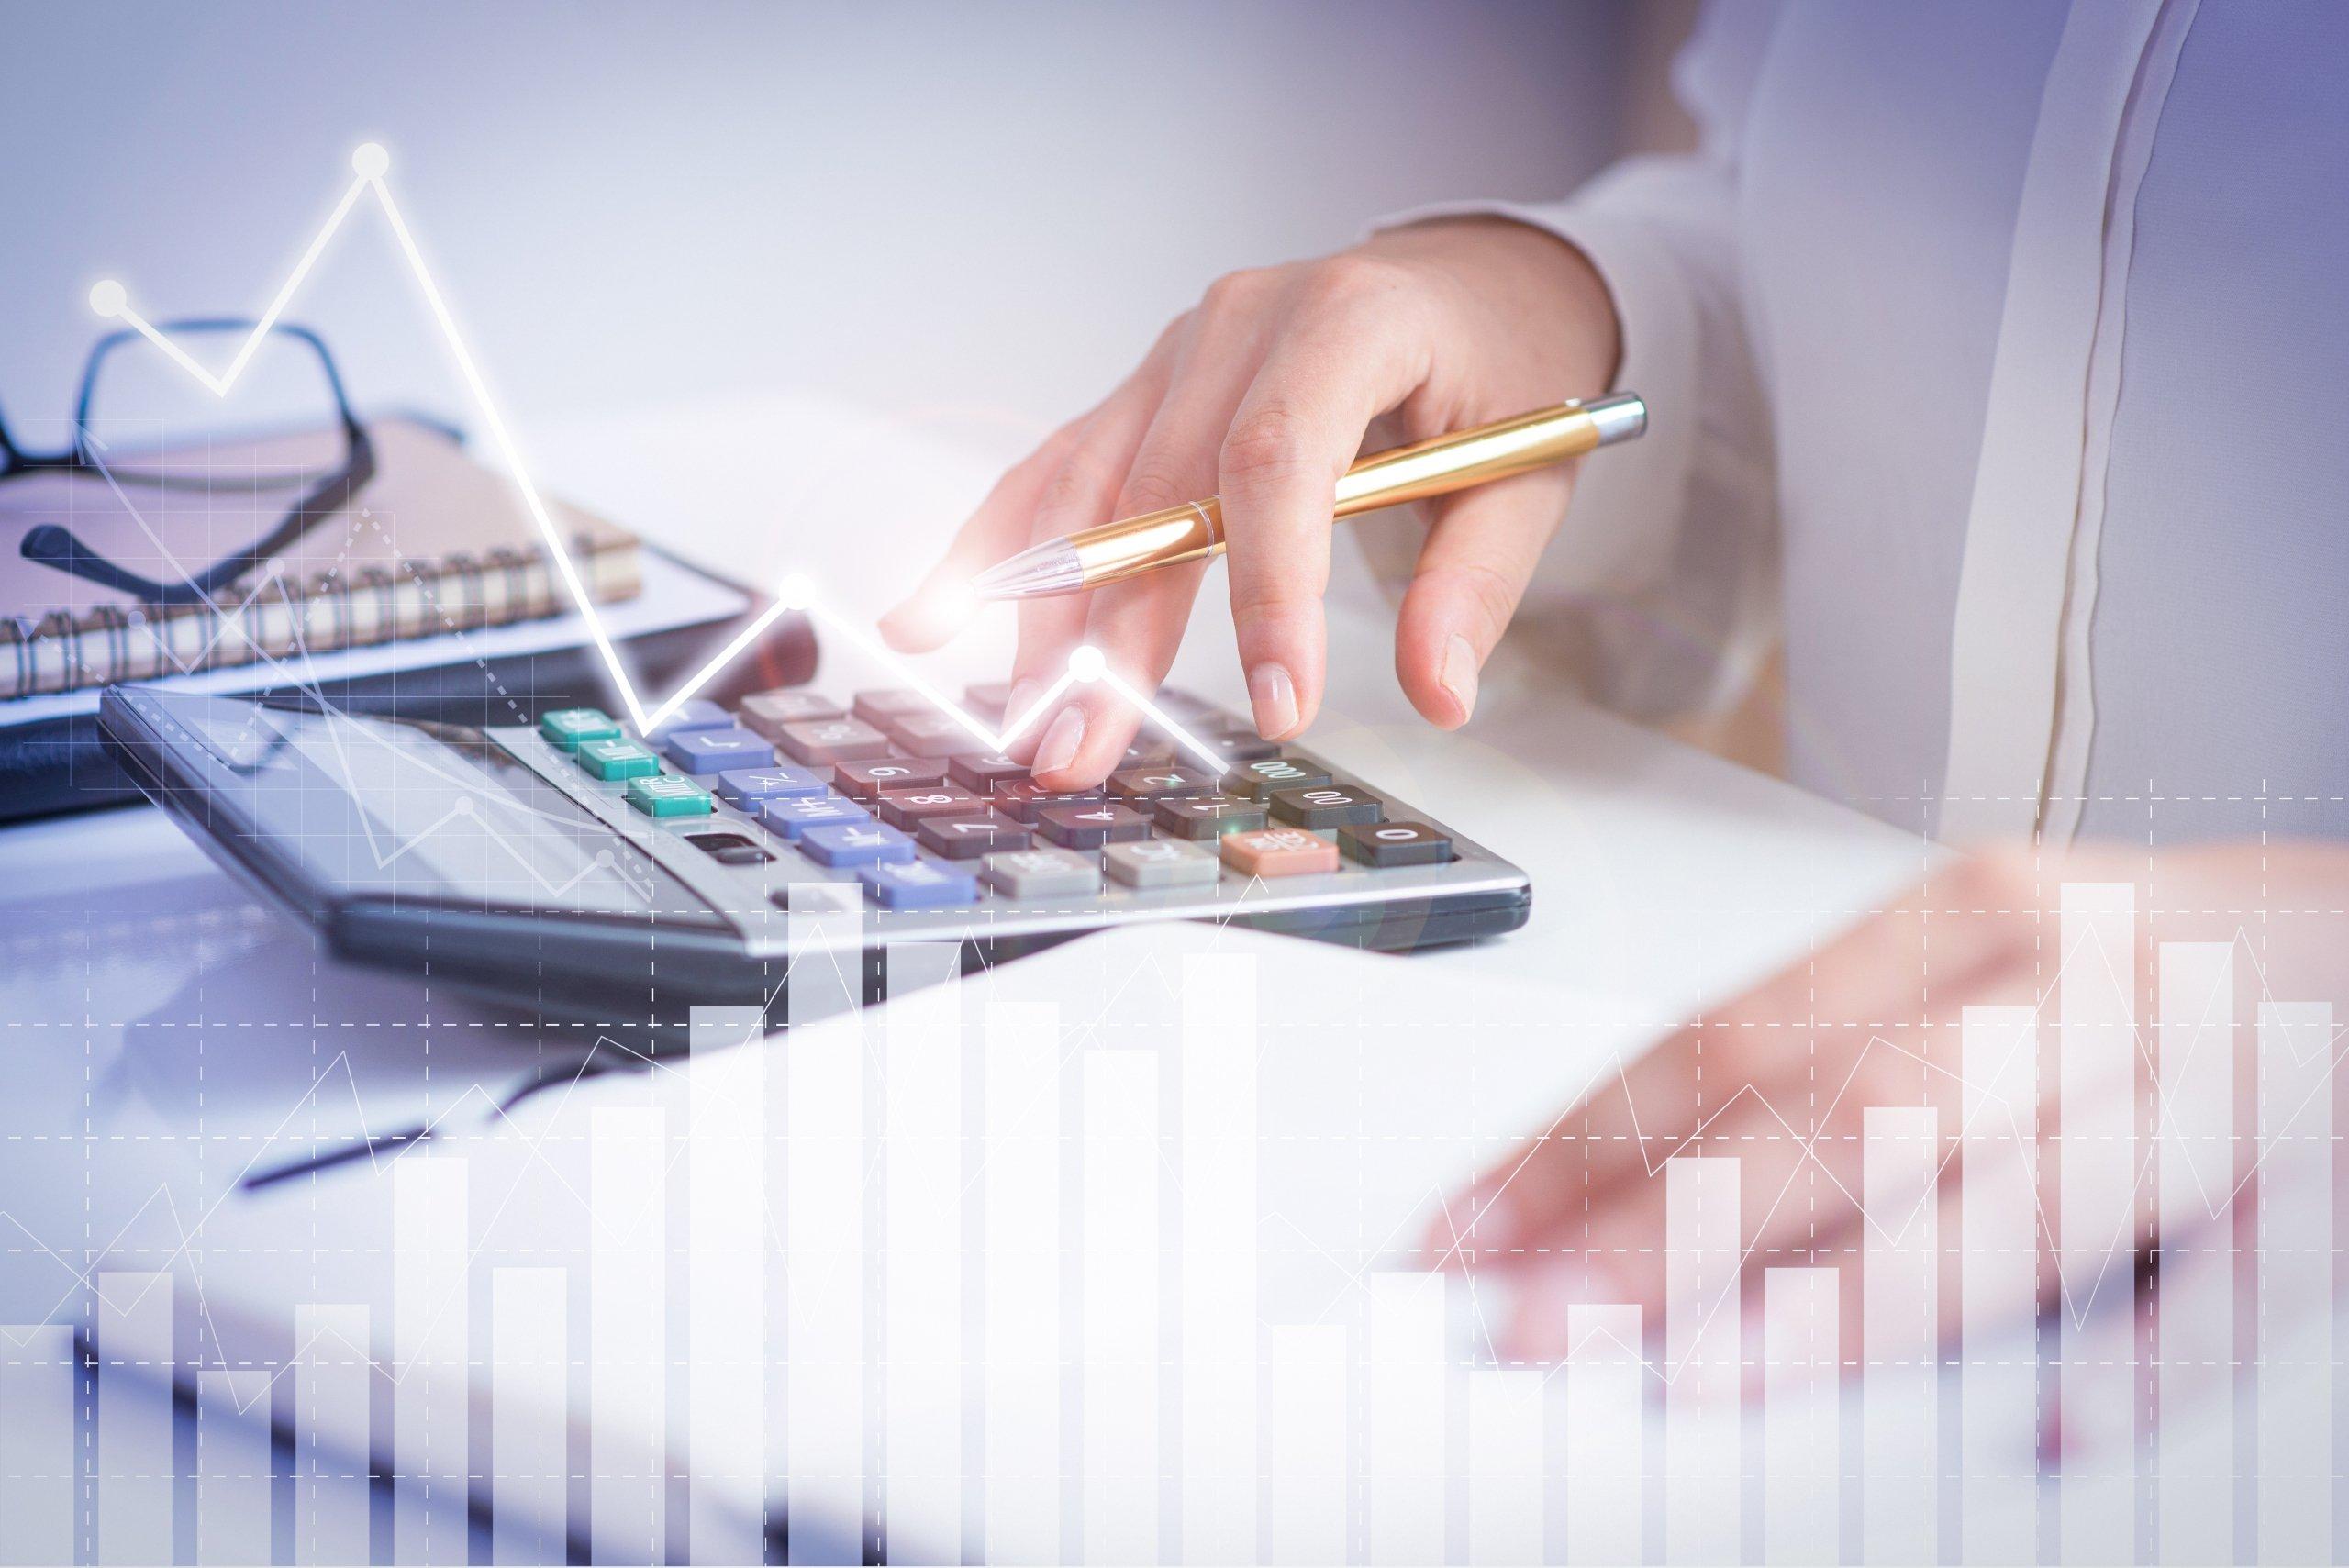 Imagen de una persona haciendo cuentas con una calculadora y papeles